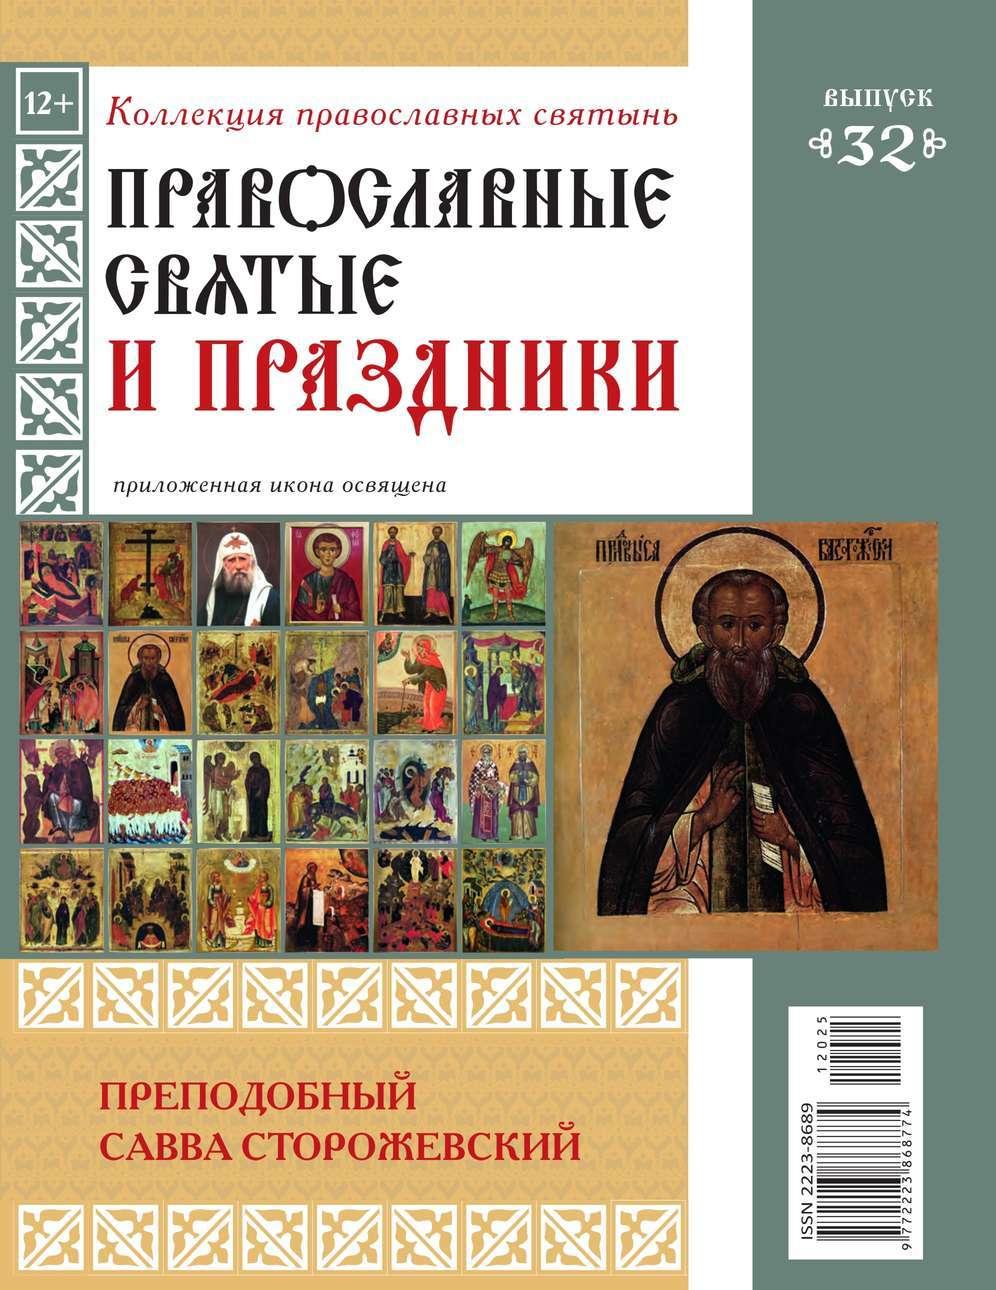 Редакция журнала Коллекция Православных Святынь Коллекция Православных Святынь 32 коллекция